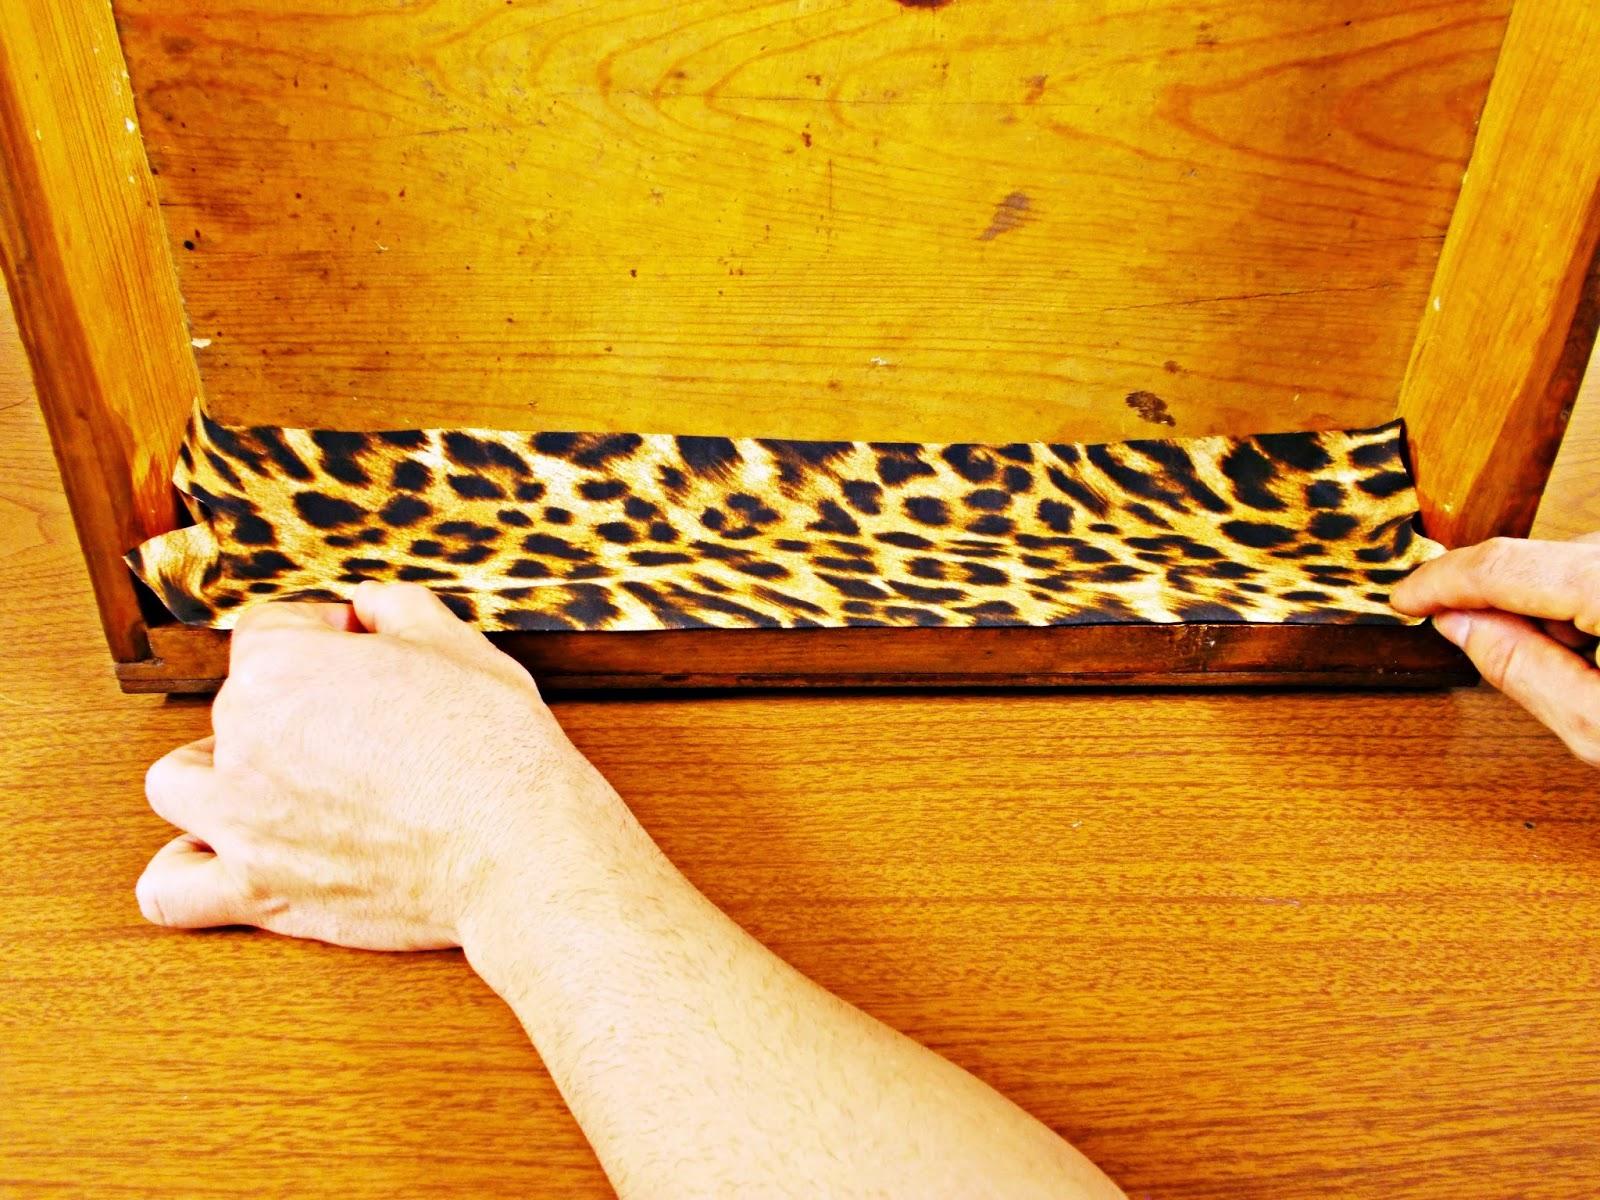 DIY-decoración-cómoda-mueble-restaurar-forrar-cajones-tela-leopardo-6